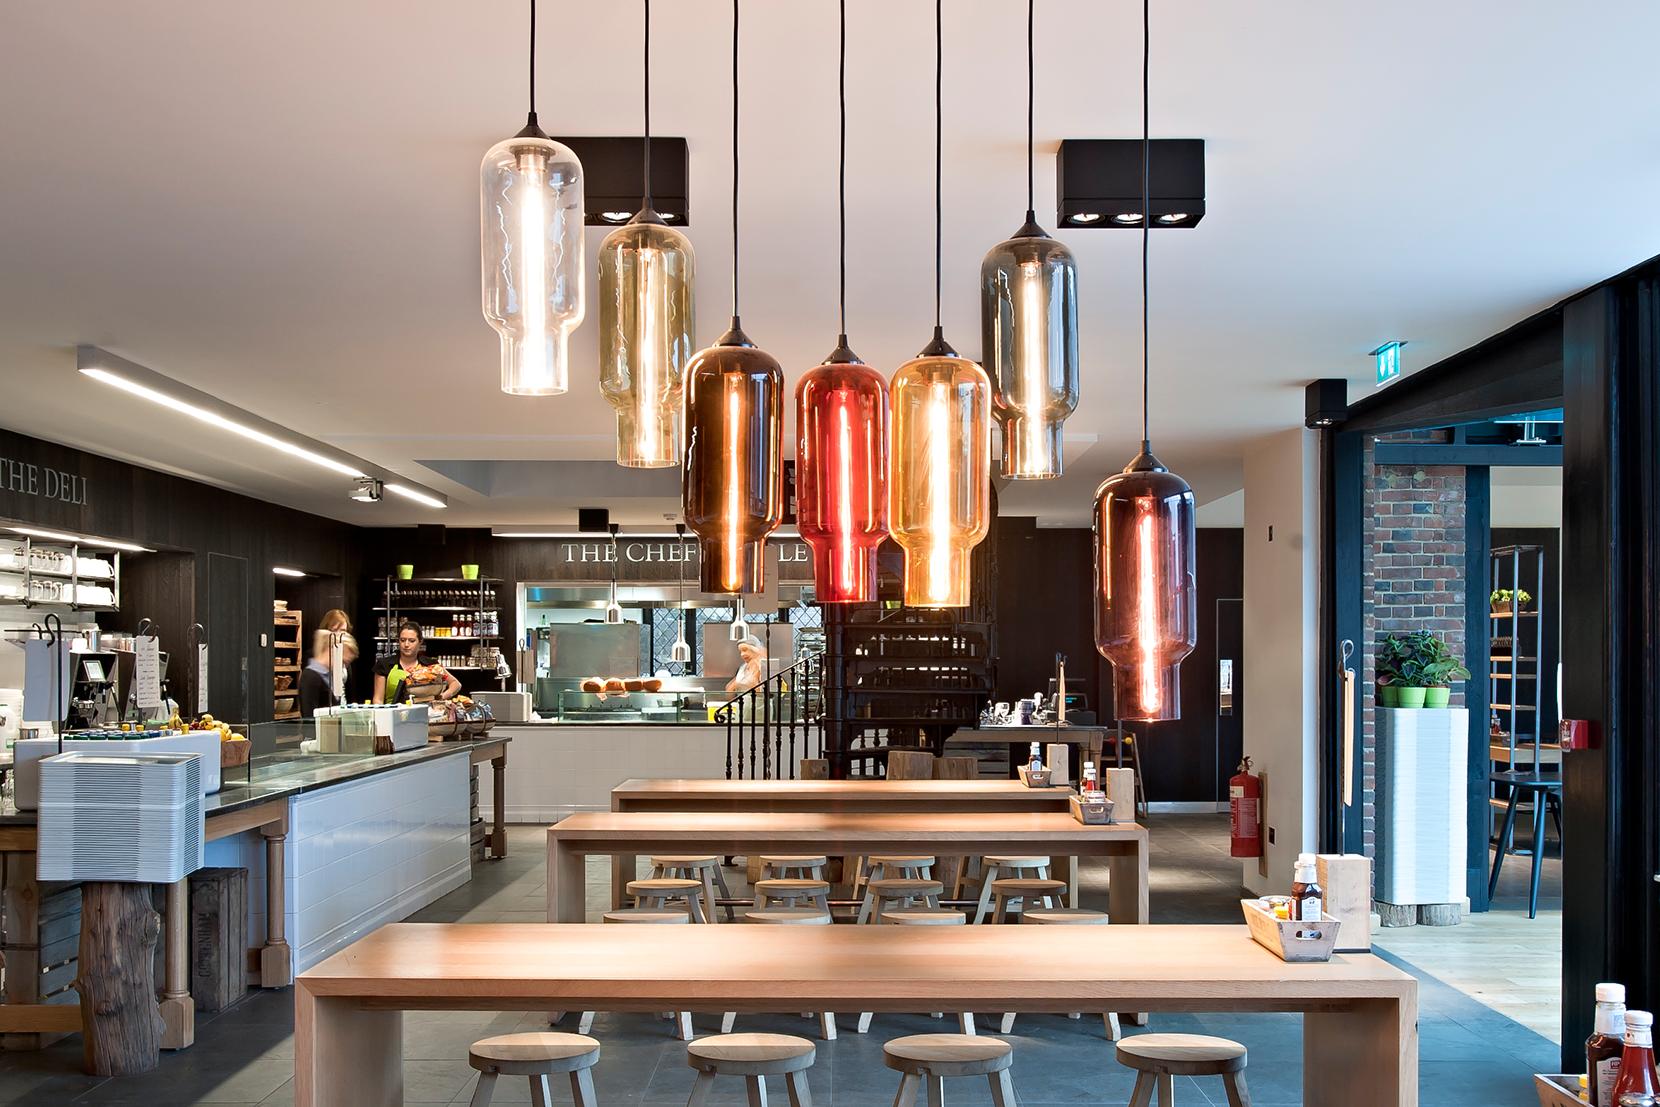 Modern Glass Restaurant Lighting - Pharos Pendant Lights